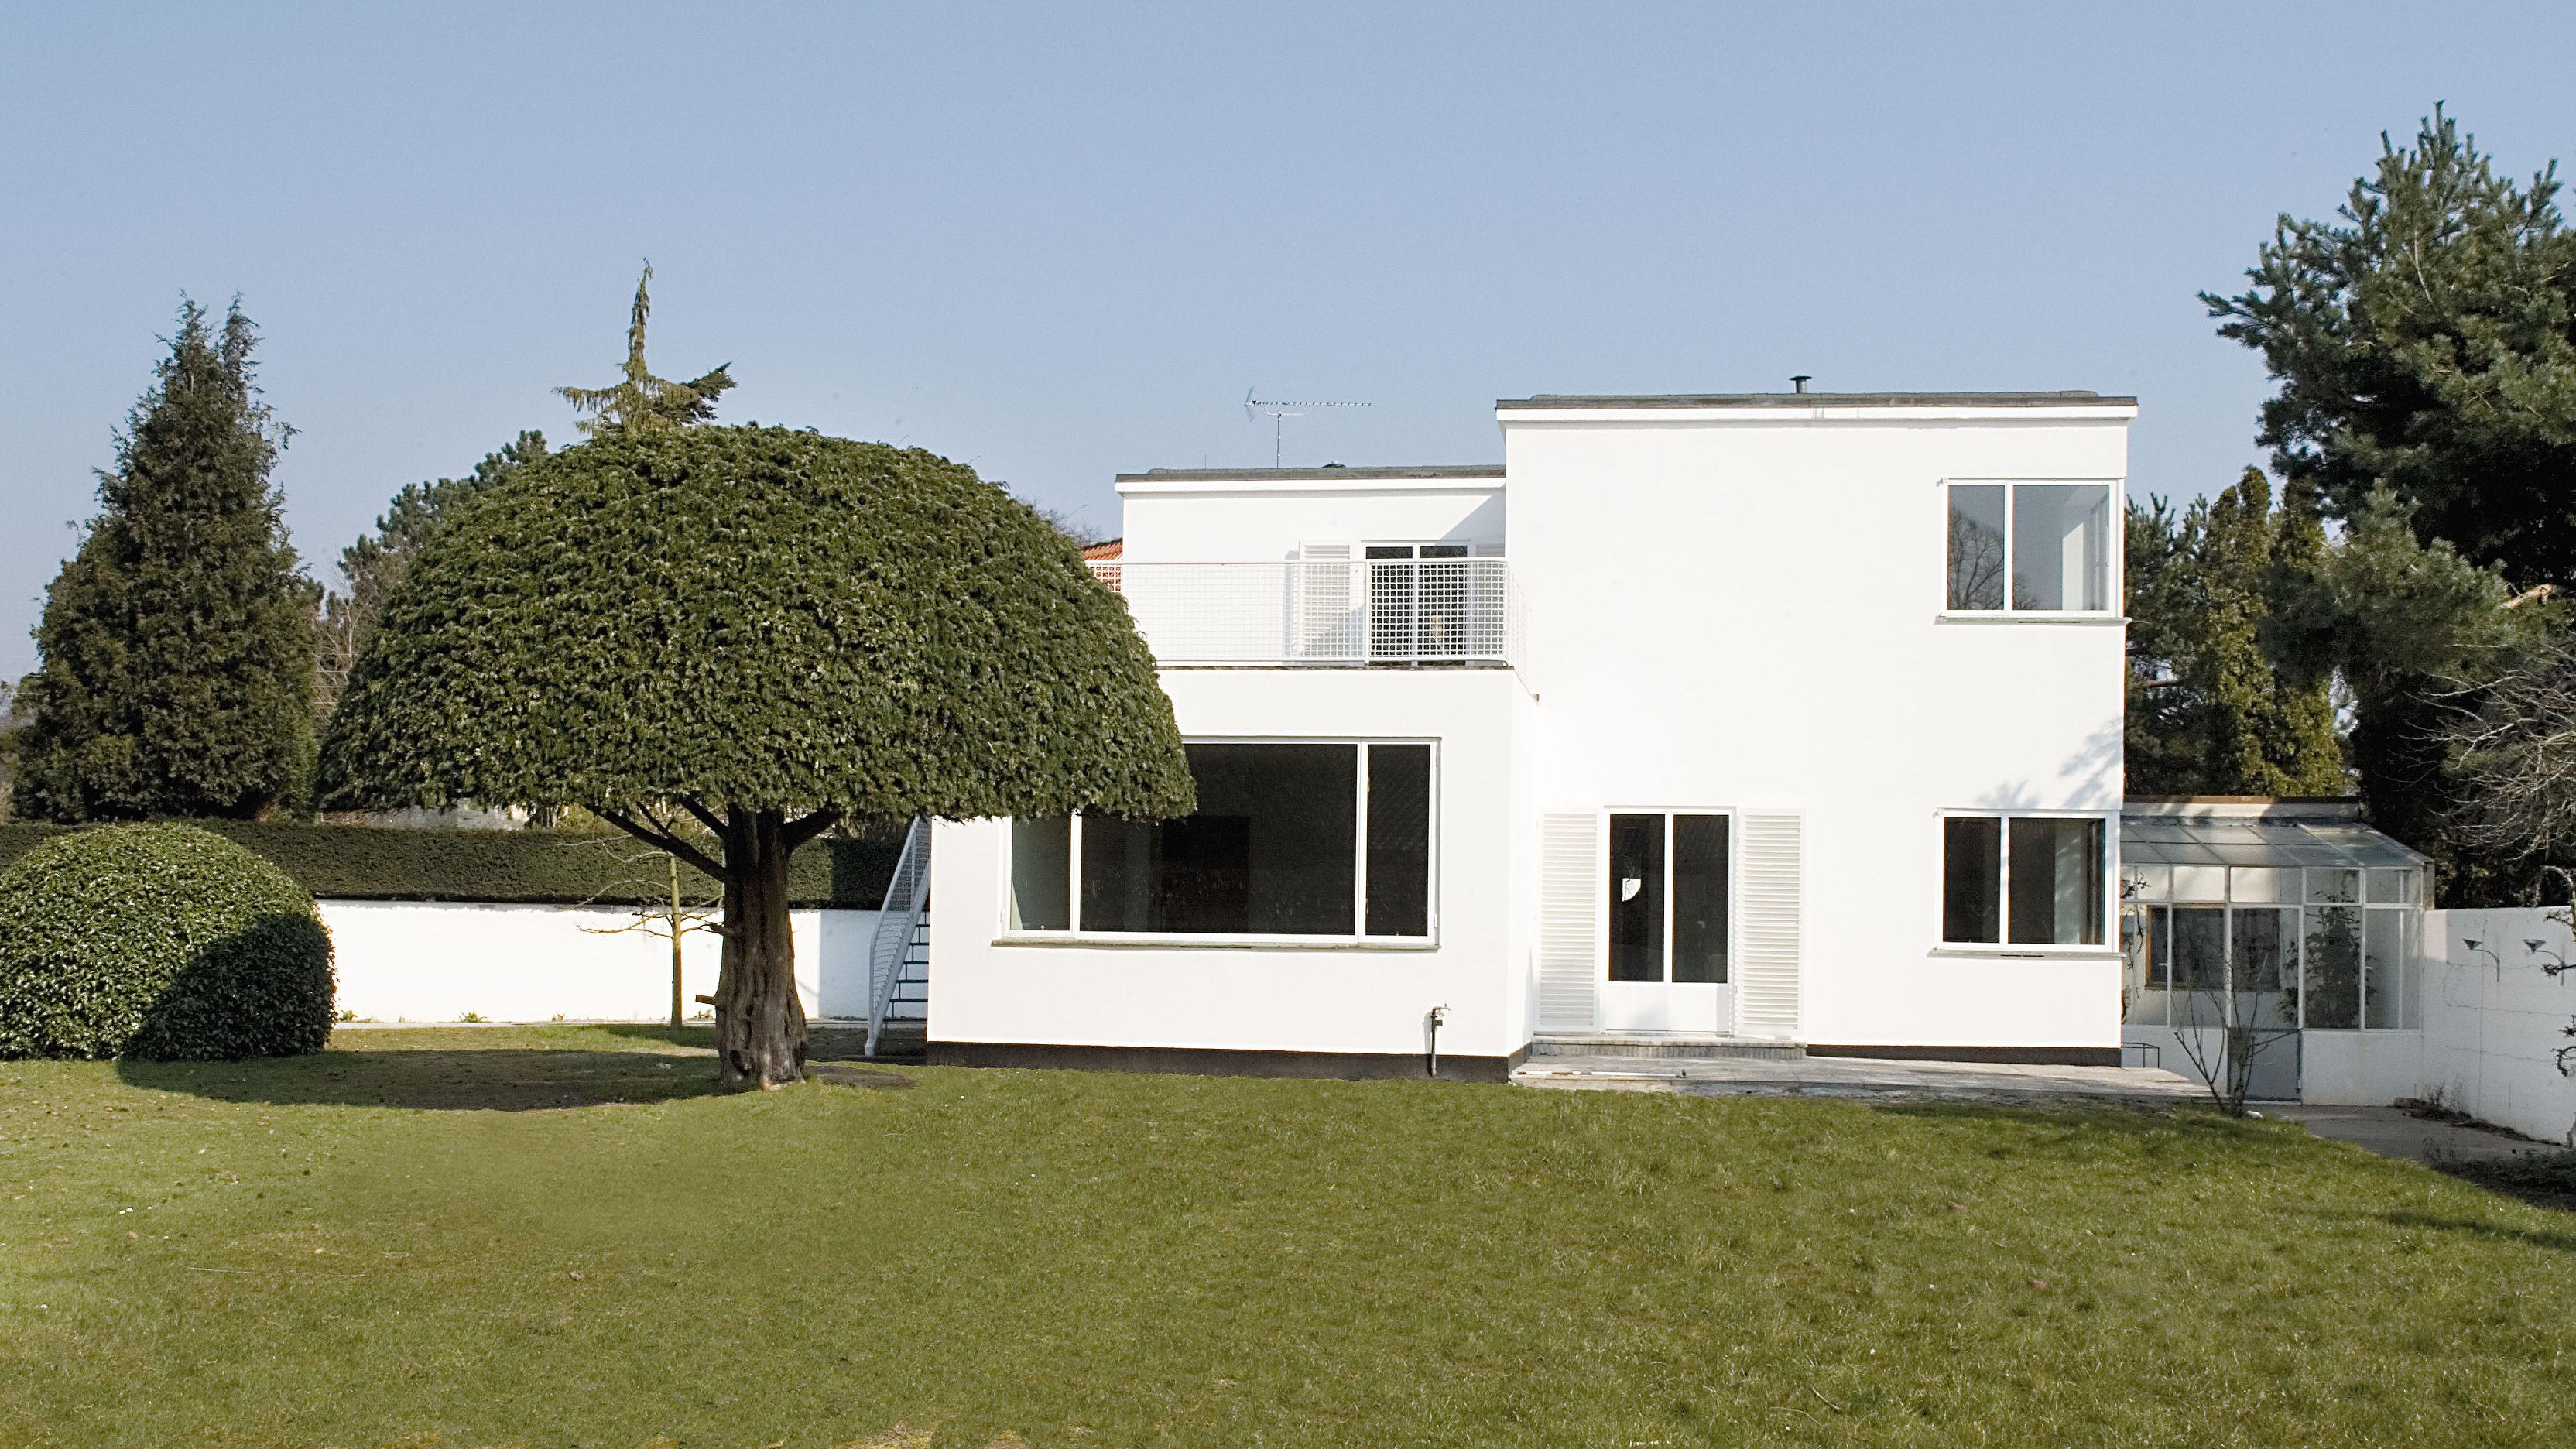 Arne Jacobsen opførte huset på Gotfred Rodes Vej 2 i 1929. I 1931 opførte han tilbygningen med garage og tegnestue. Han levede selv i huset med sin familie til 1951. Huset repræsenterer Jacobsens tidligere stil og er et udtryk for funkis stilen - den hvide farve, referencen til luksuslineren, reminisencerne af fortidens grosservilla. Realdania købte huset i 2005, restaurerede det og genåbnede huset i 2007